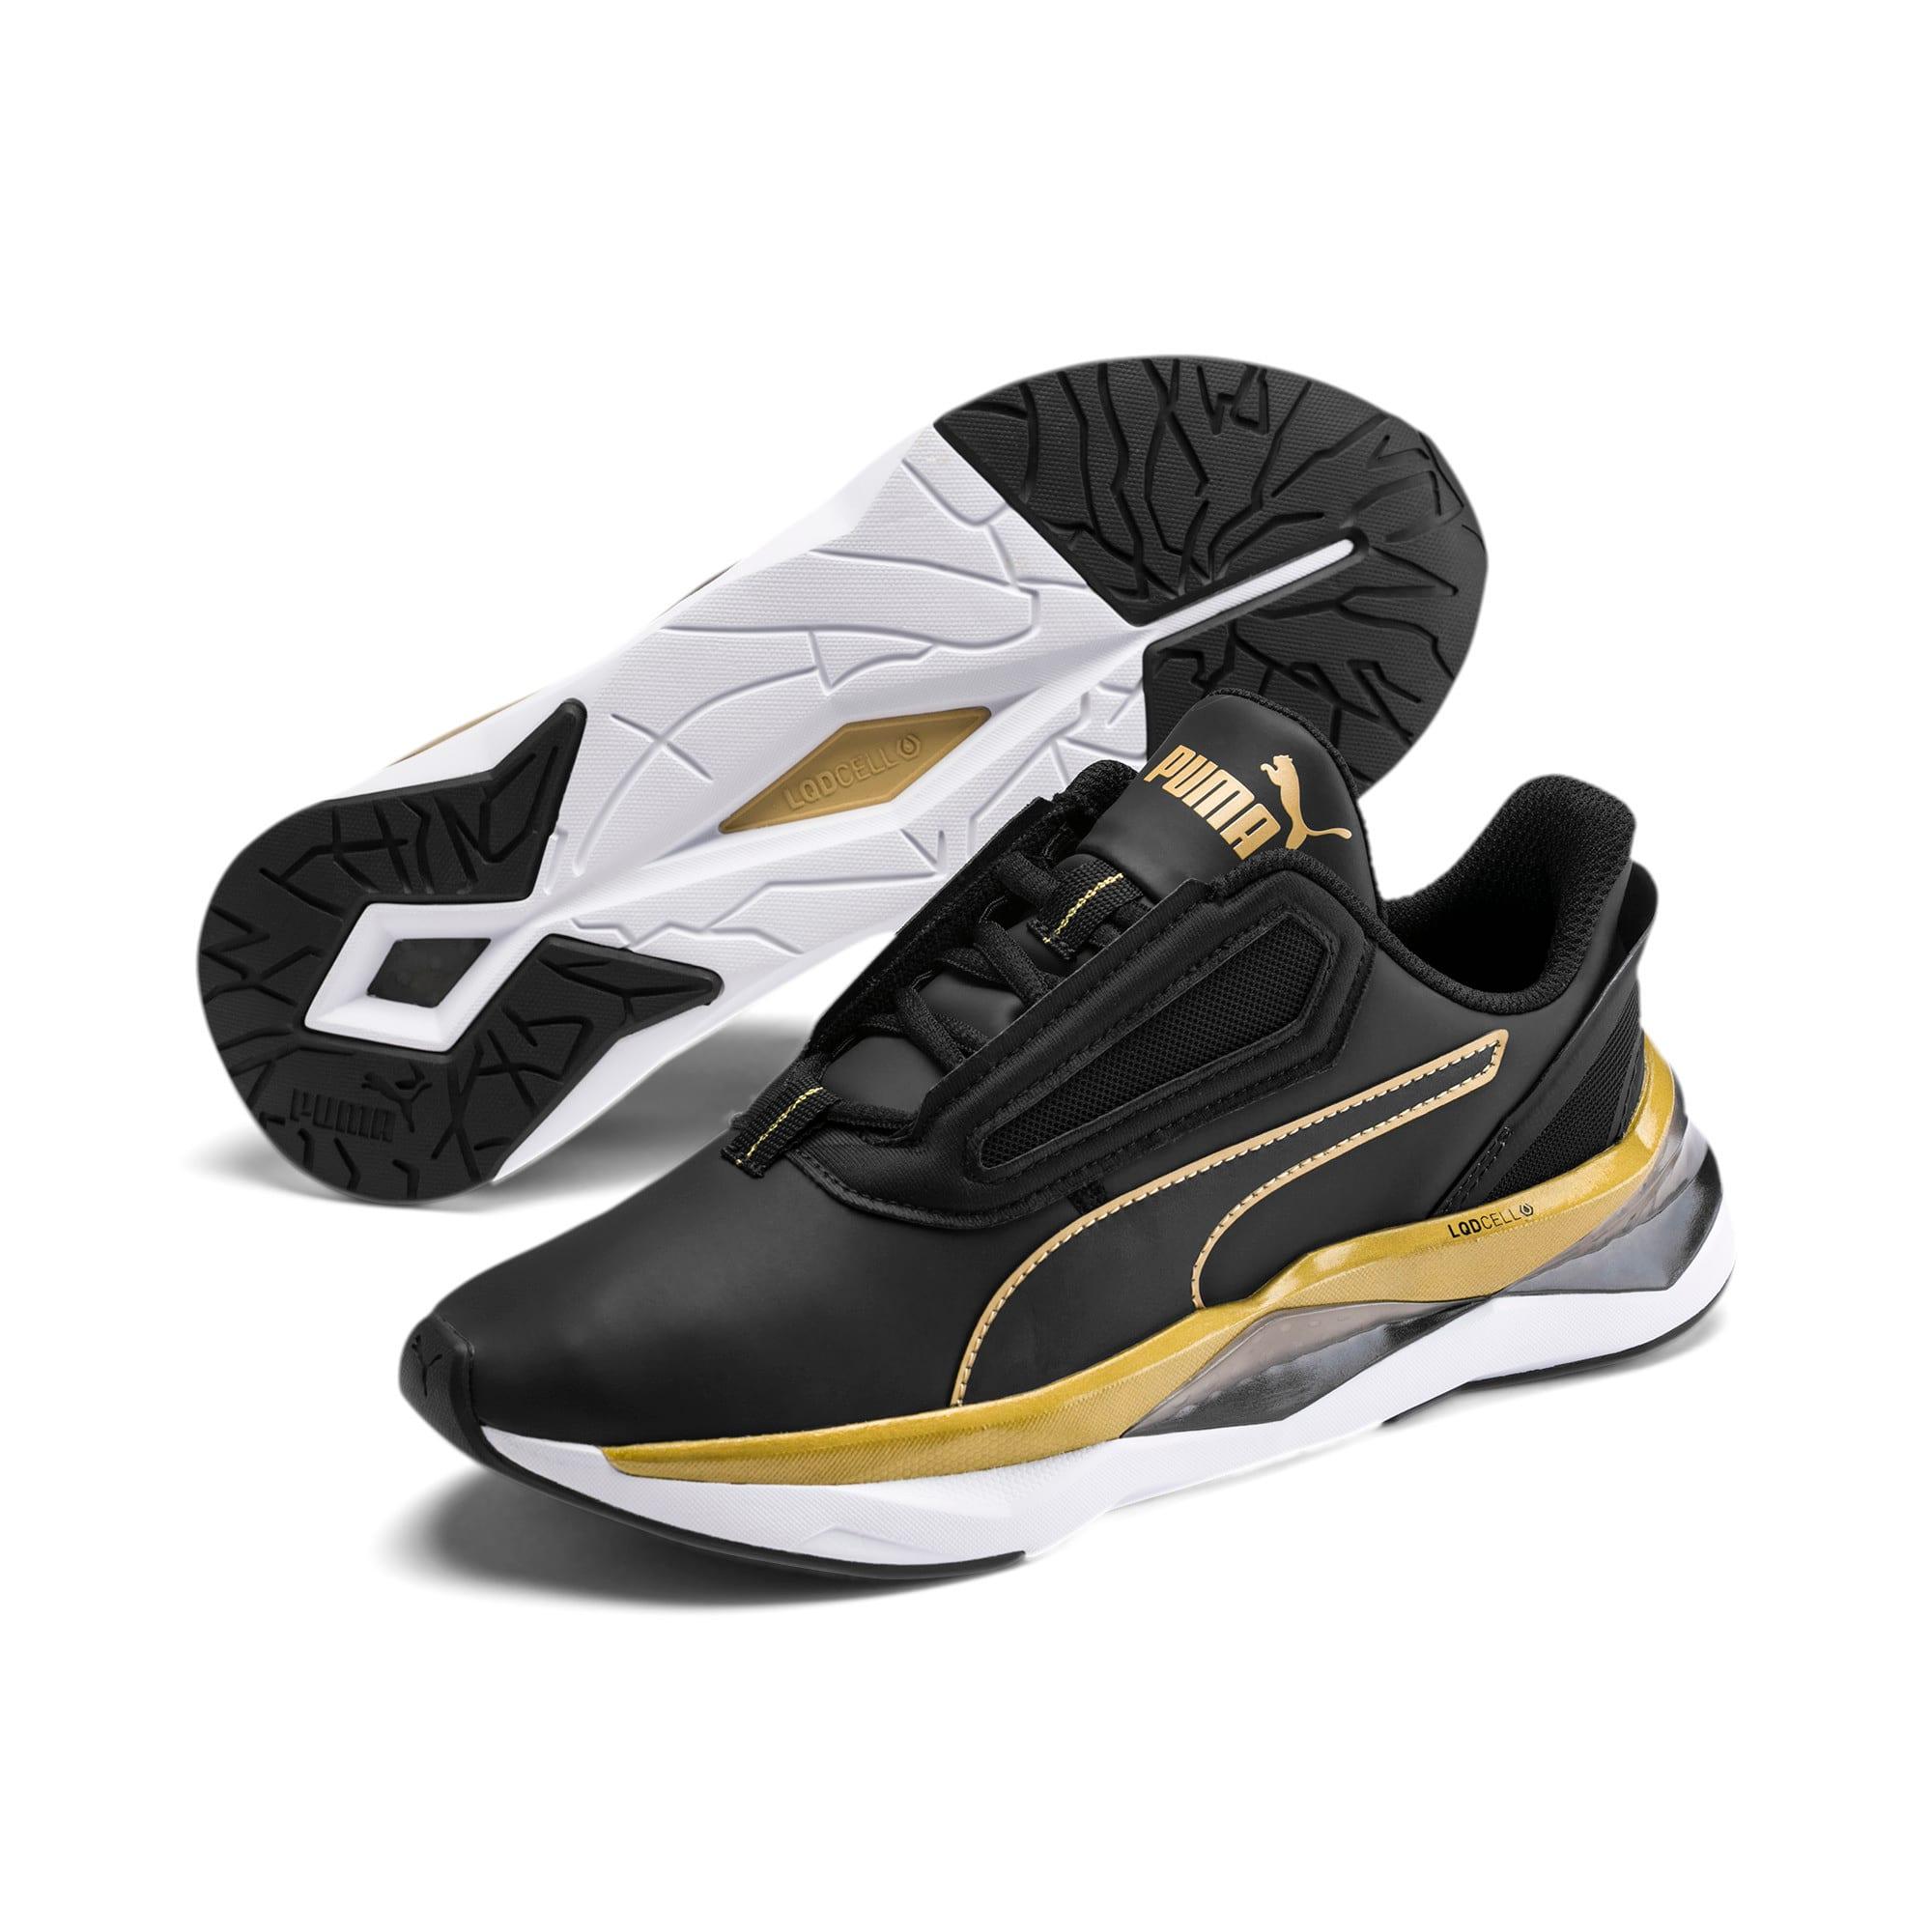 Thumbnail 2 of Shatter XT Matte LQDCELL Women's Running Shoes, Puma Black-Puma Team Gold, medium